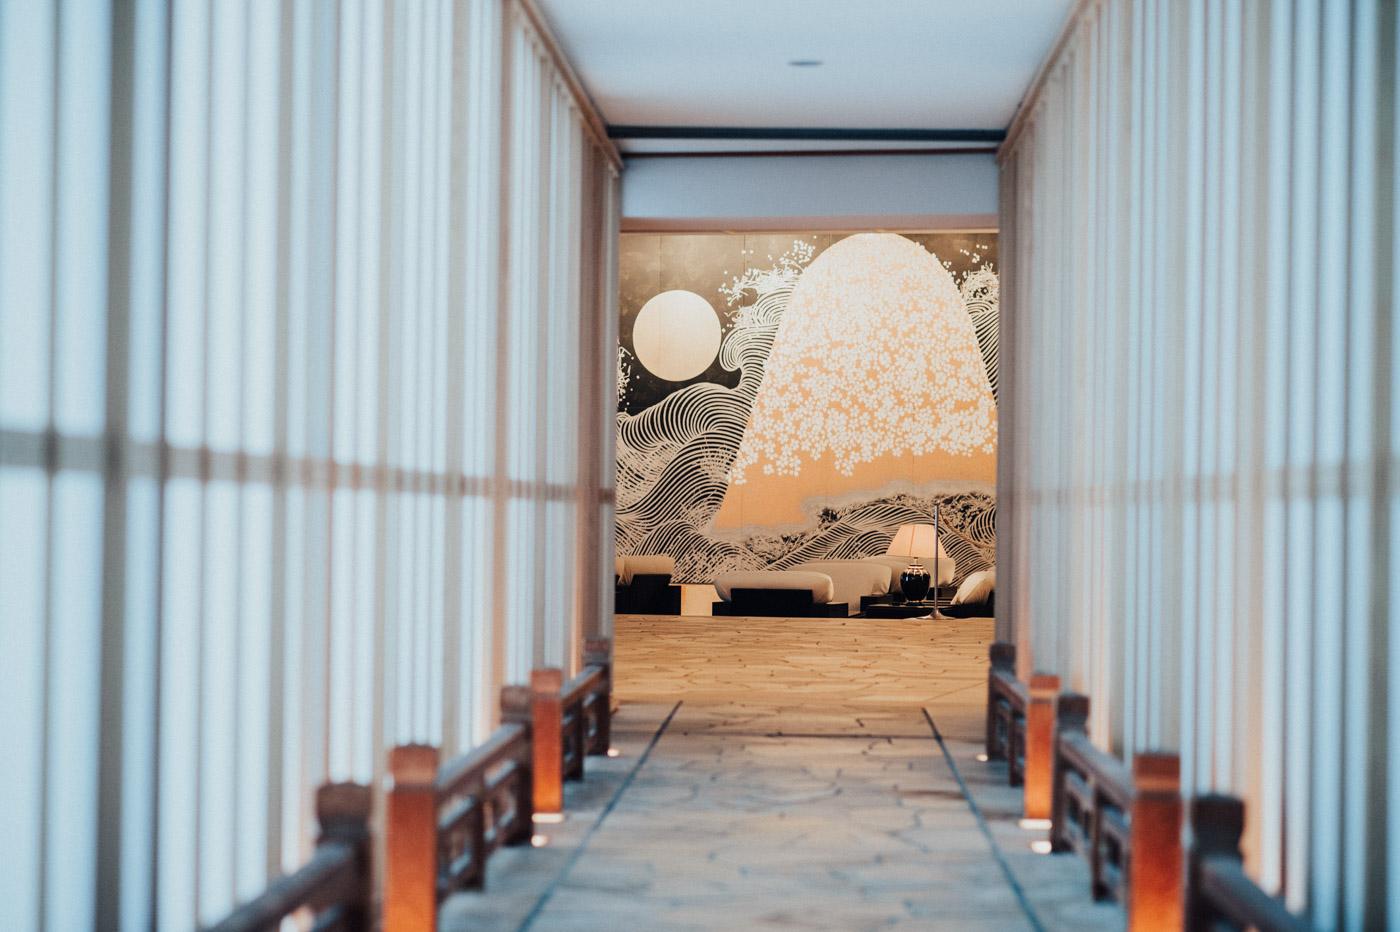 憧れの温泉旅館、星野リゾート界津軽に泊まってみた